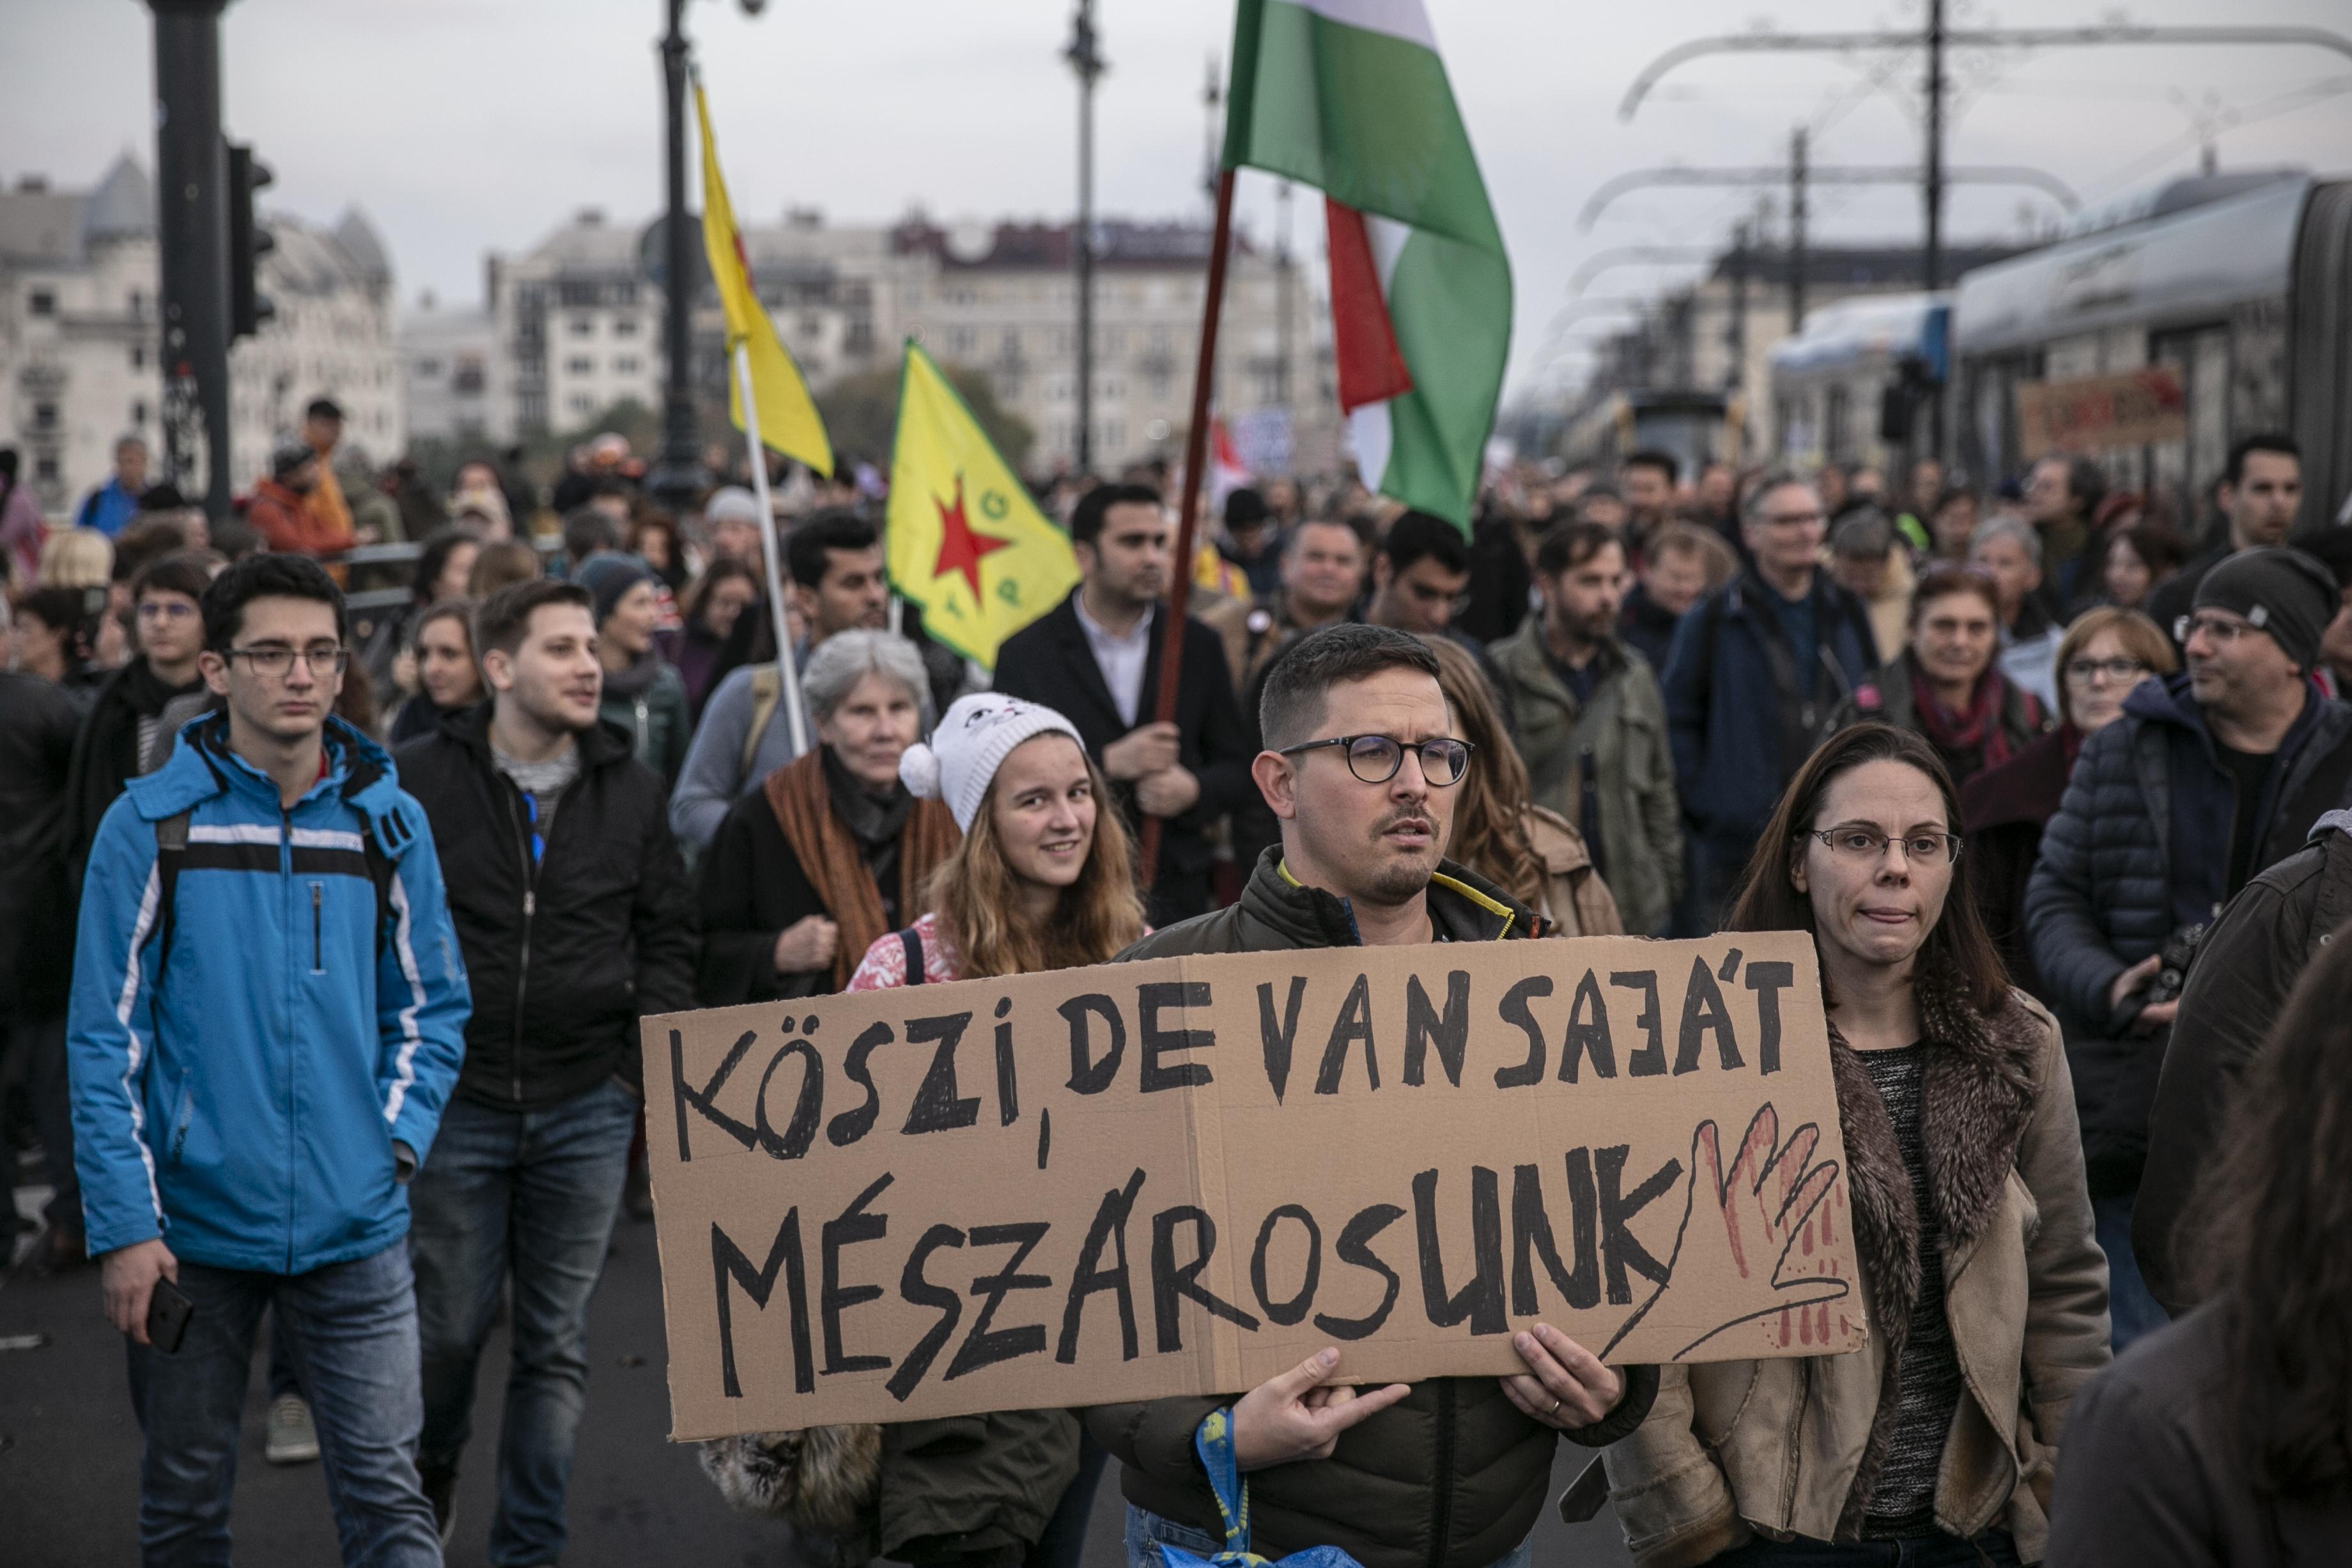 48 óra közérdekű munkára ítélték az Erdogan elleni tüntetésen késsel fenyegetőző férfit